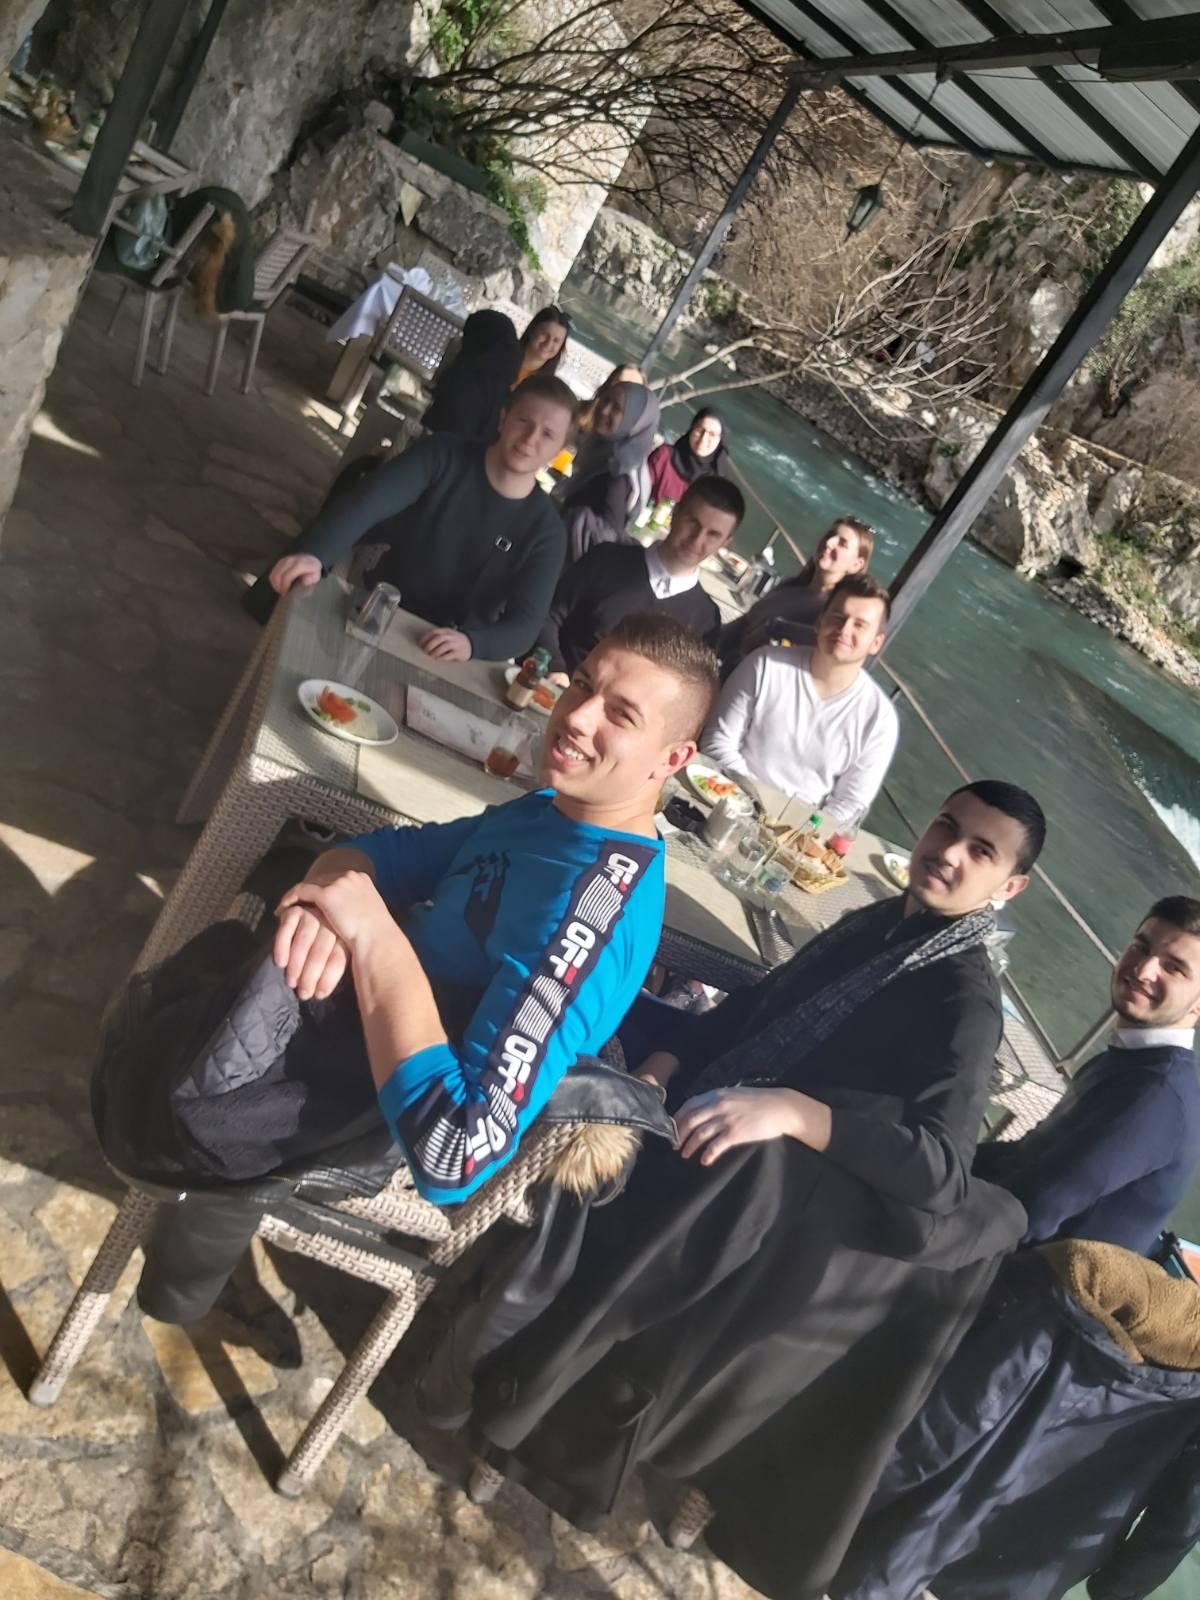 Vrsnjacko mentorstvo trening Mostar 2020e